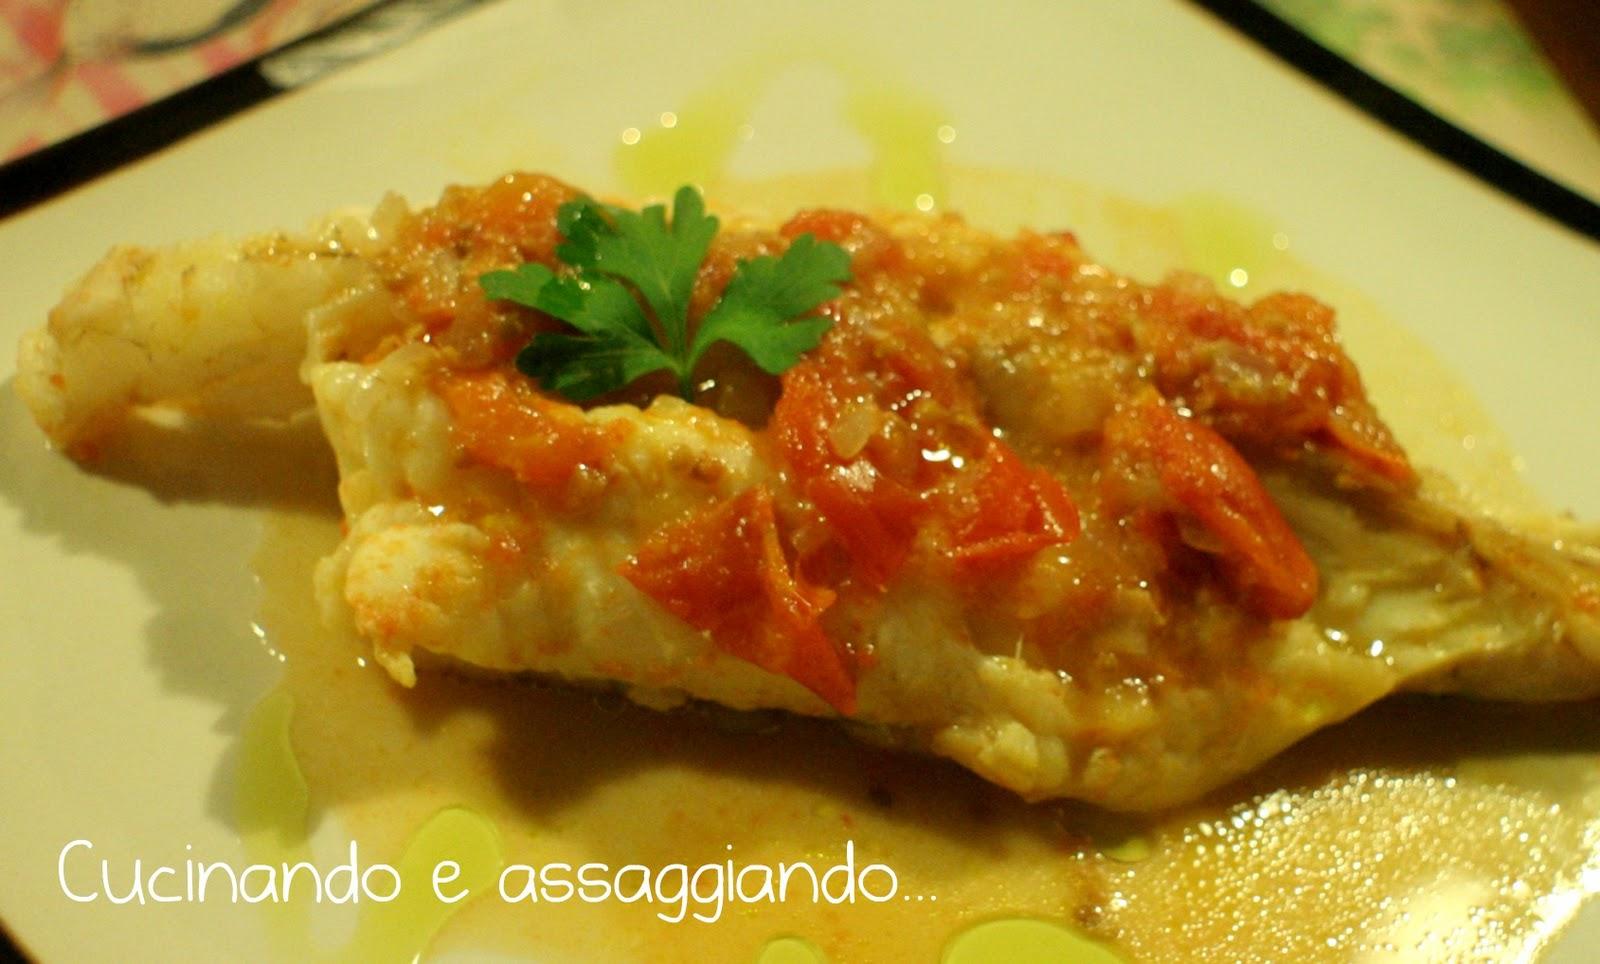 Cucinando e assaggiando...: Coda di rospo con Pomodorini del Piennolo